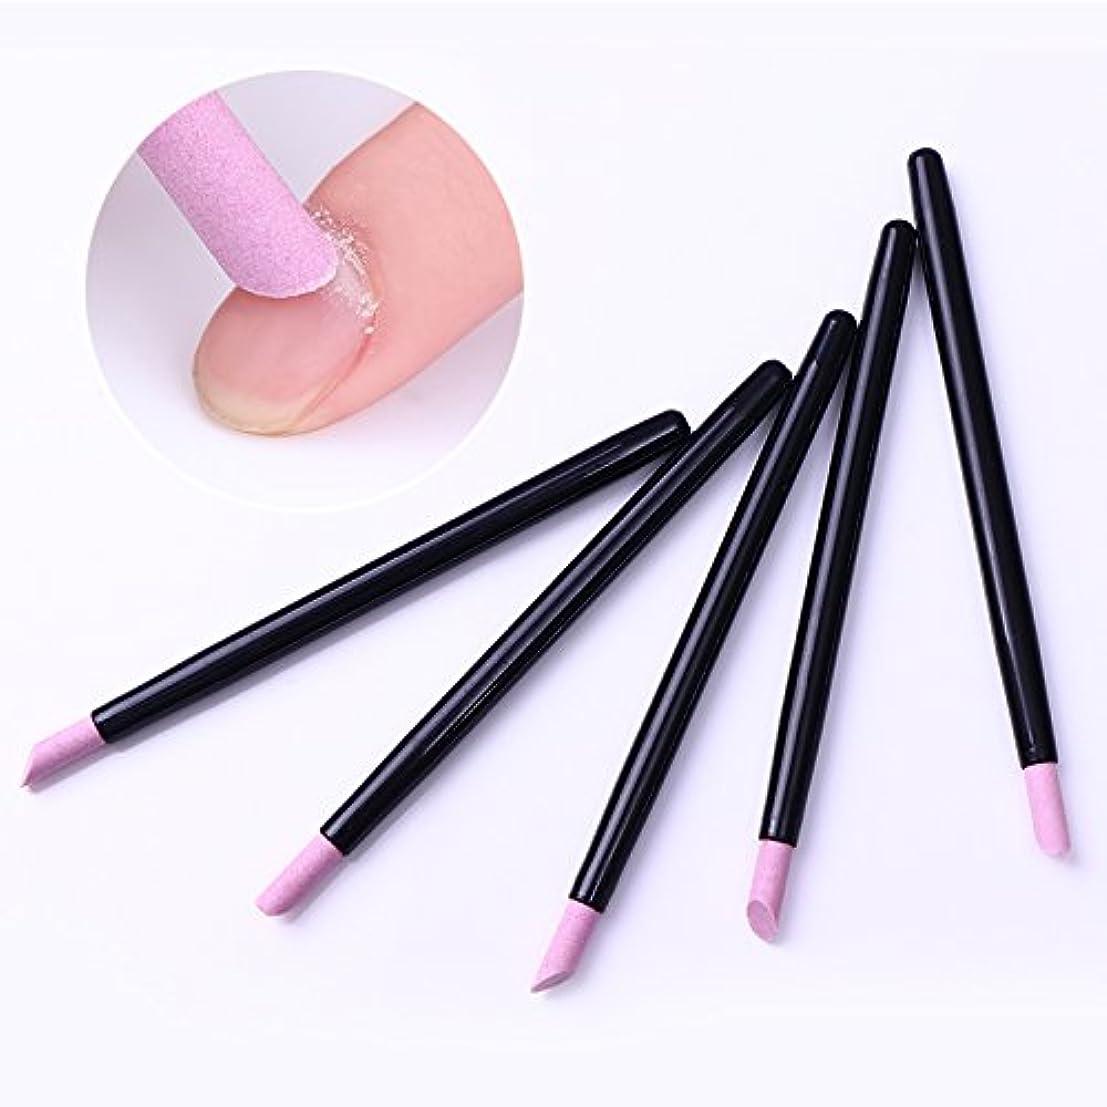 グリーンバック満州パントリー5Pcs Cuticle Remover Pusher Trimmer Quartz Stone Scrub Pen Nail Tool Black Handle Manicure Nail Care Tool キューティクルリムーバープッシャートリマークォーツストーンスクラブペンネイルツールブラックハンドルマニキュアネイルケアツール